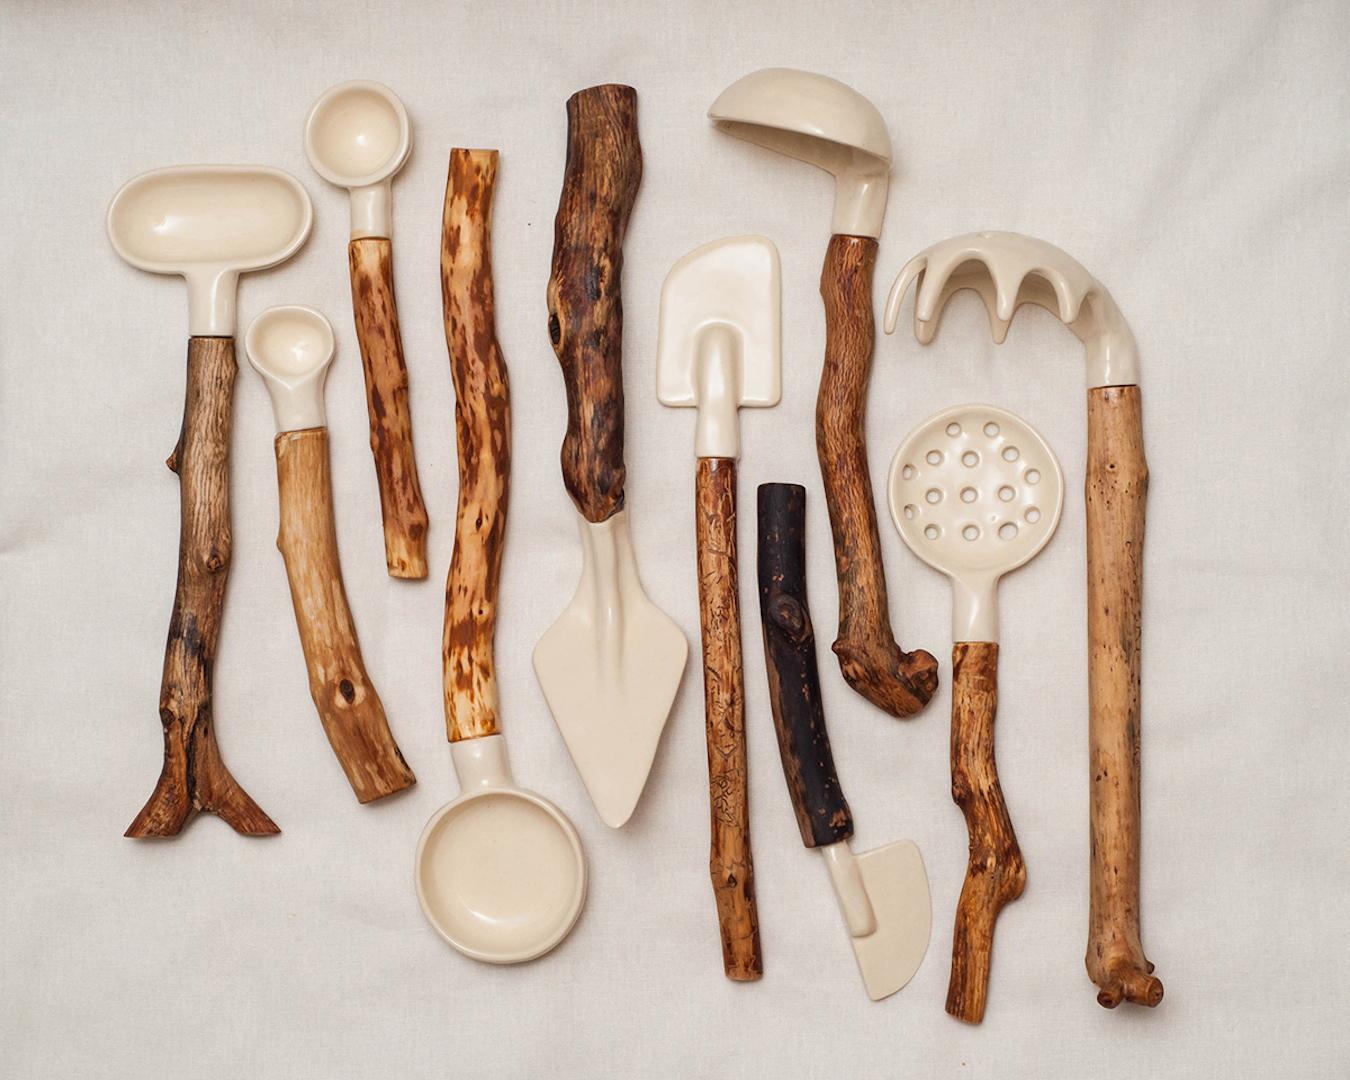 SPOONFOOL_instrumente ceramice_Made in RO